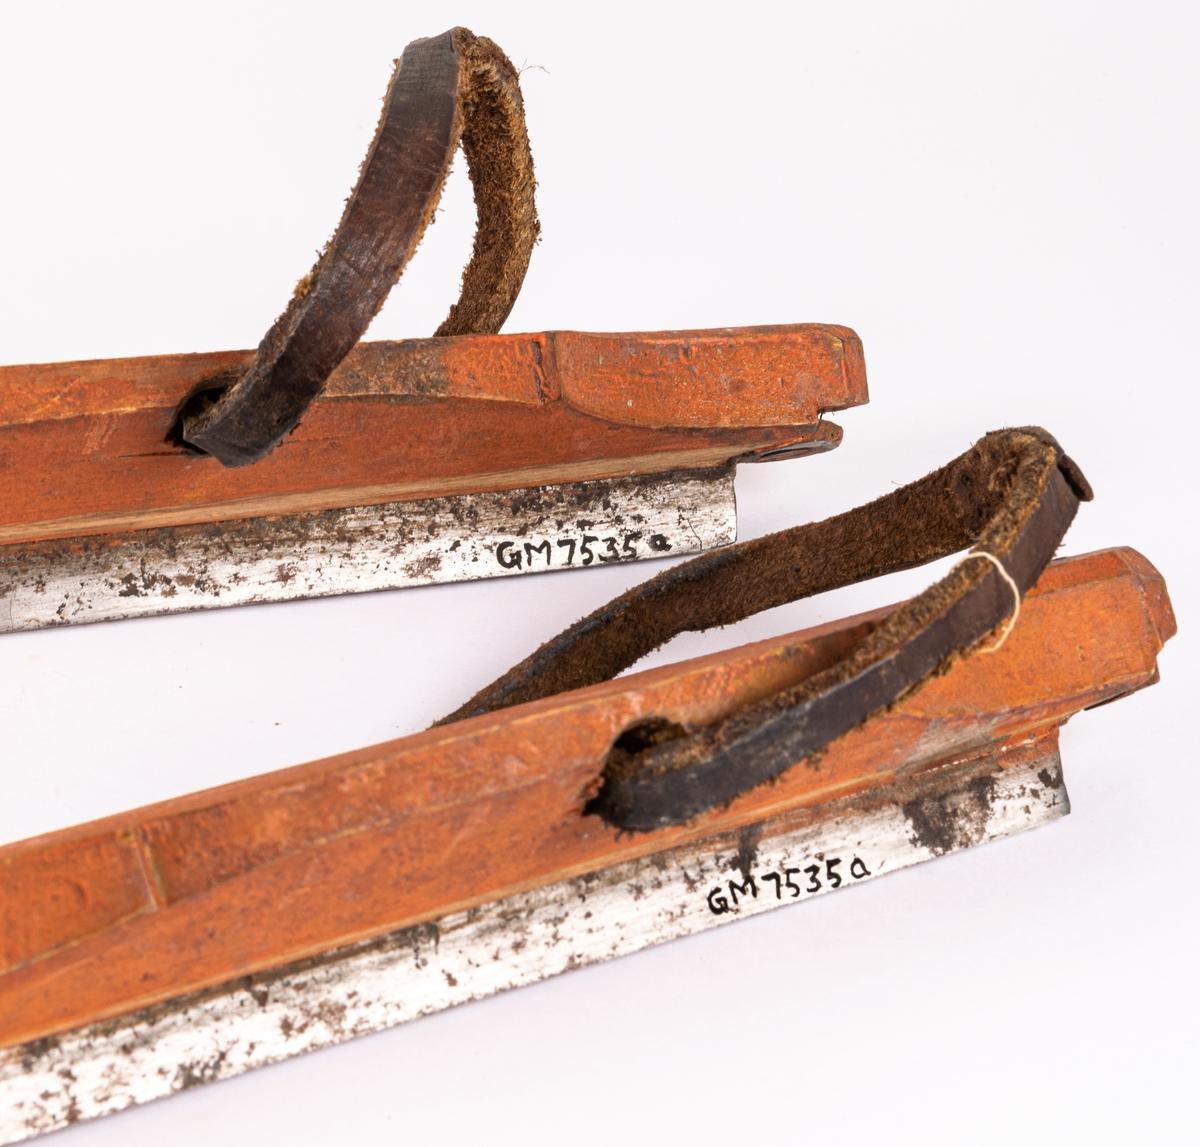 Kat. kort: Skridskor, 1 par, långa, med järnskenor och rödmålade trästockar, med remmar och snören. Härkomst: Gefle.